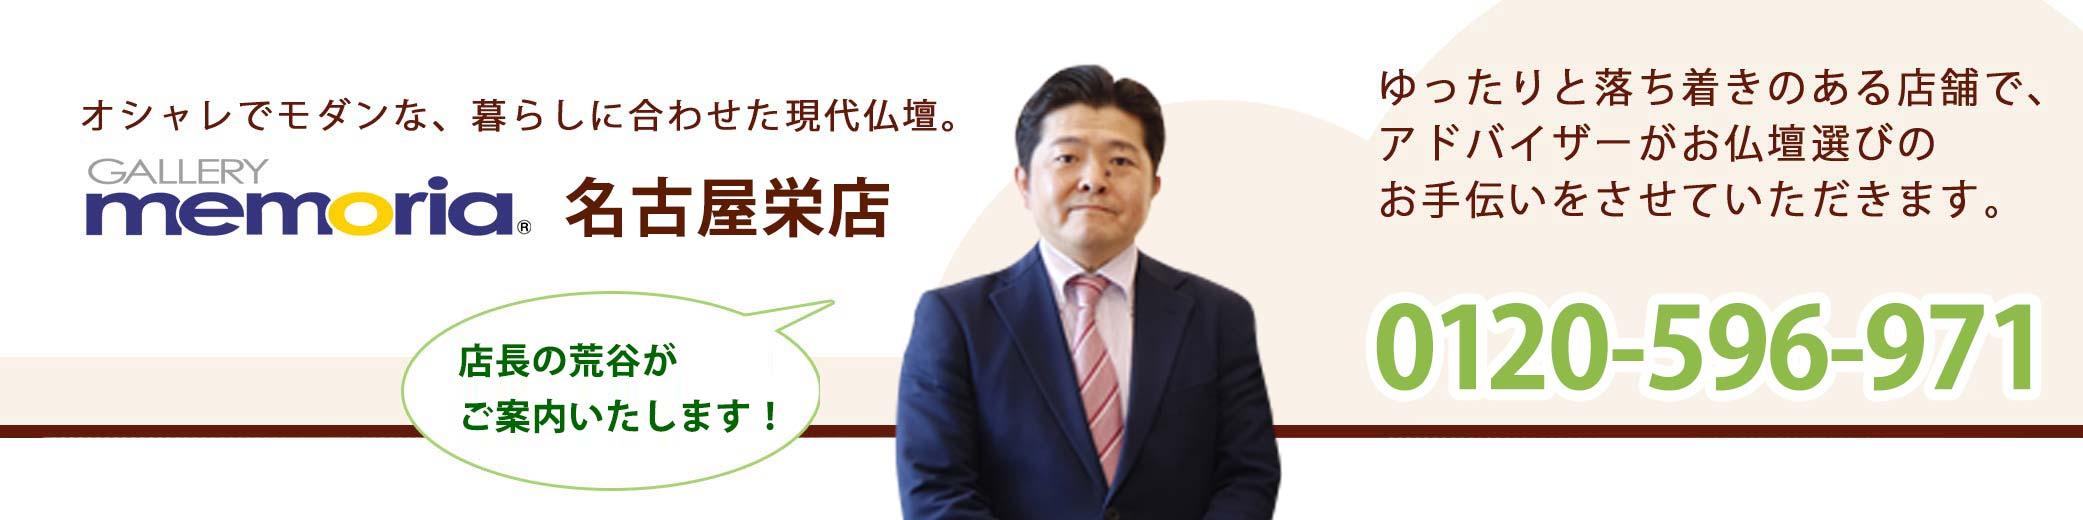 名古屋栄店紹介画像トップ